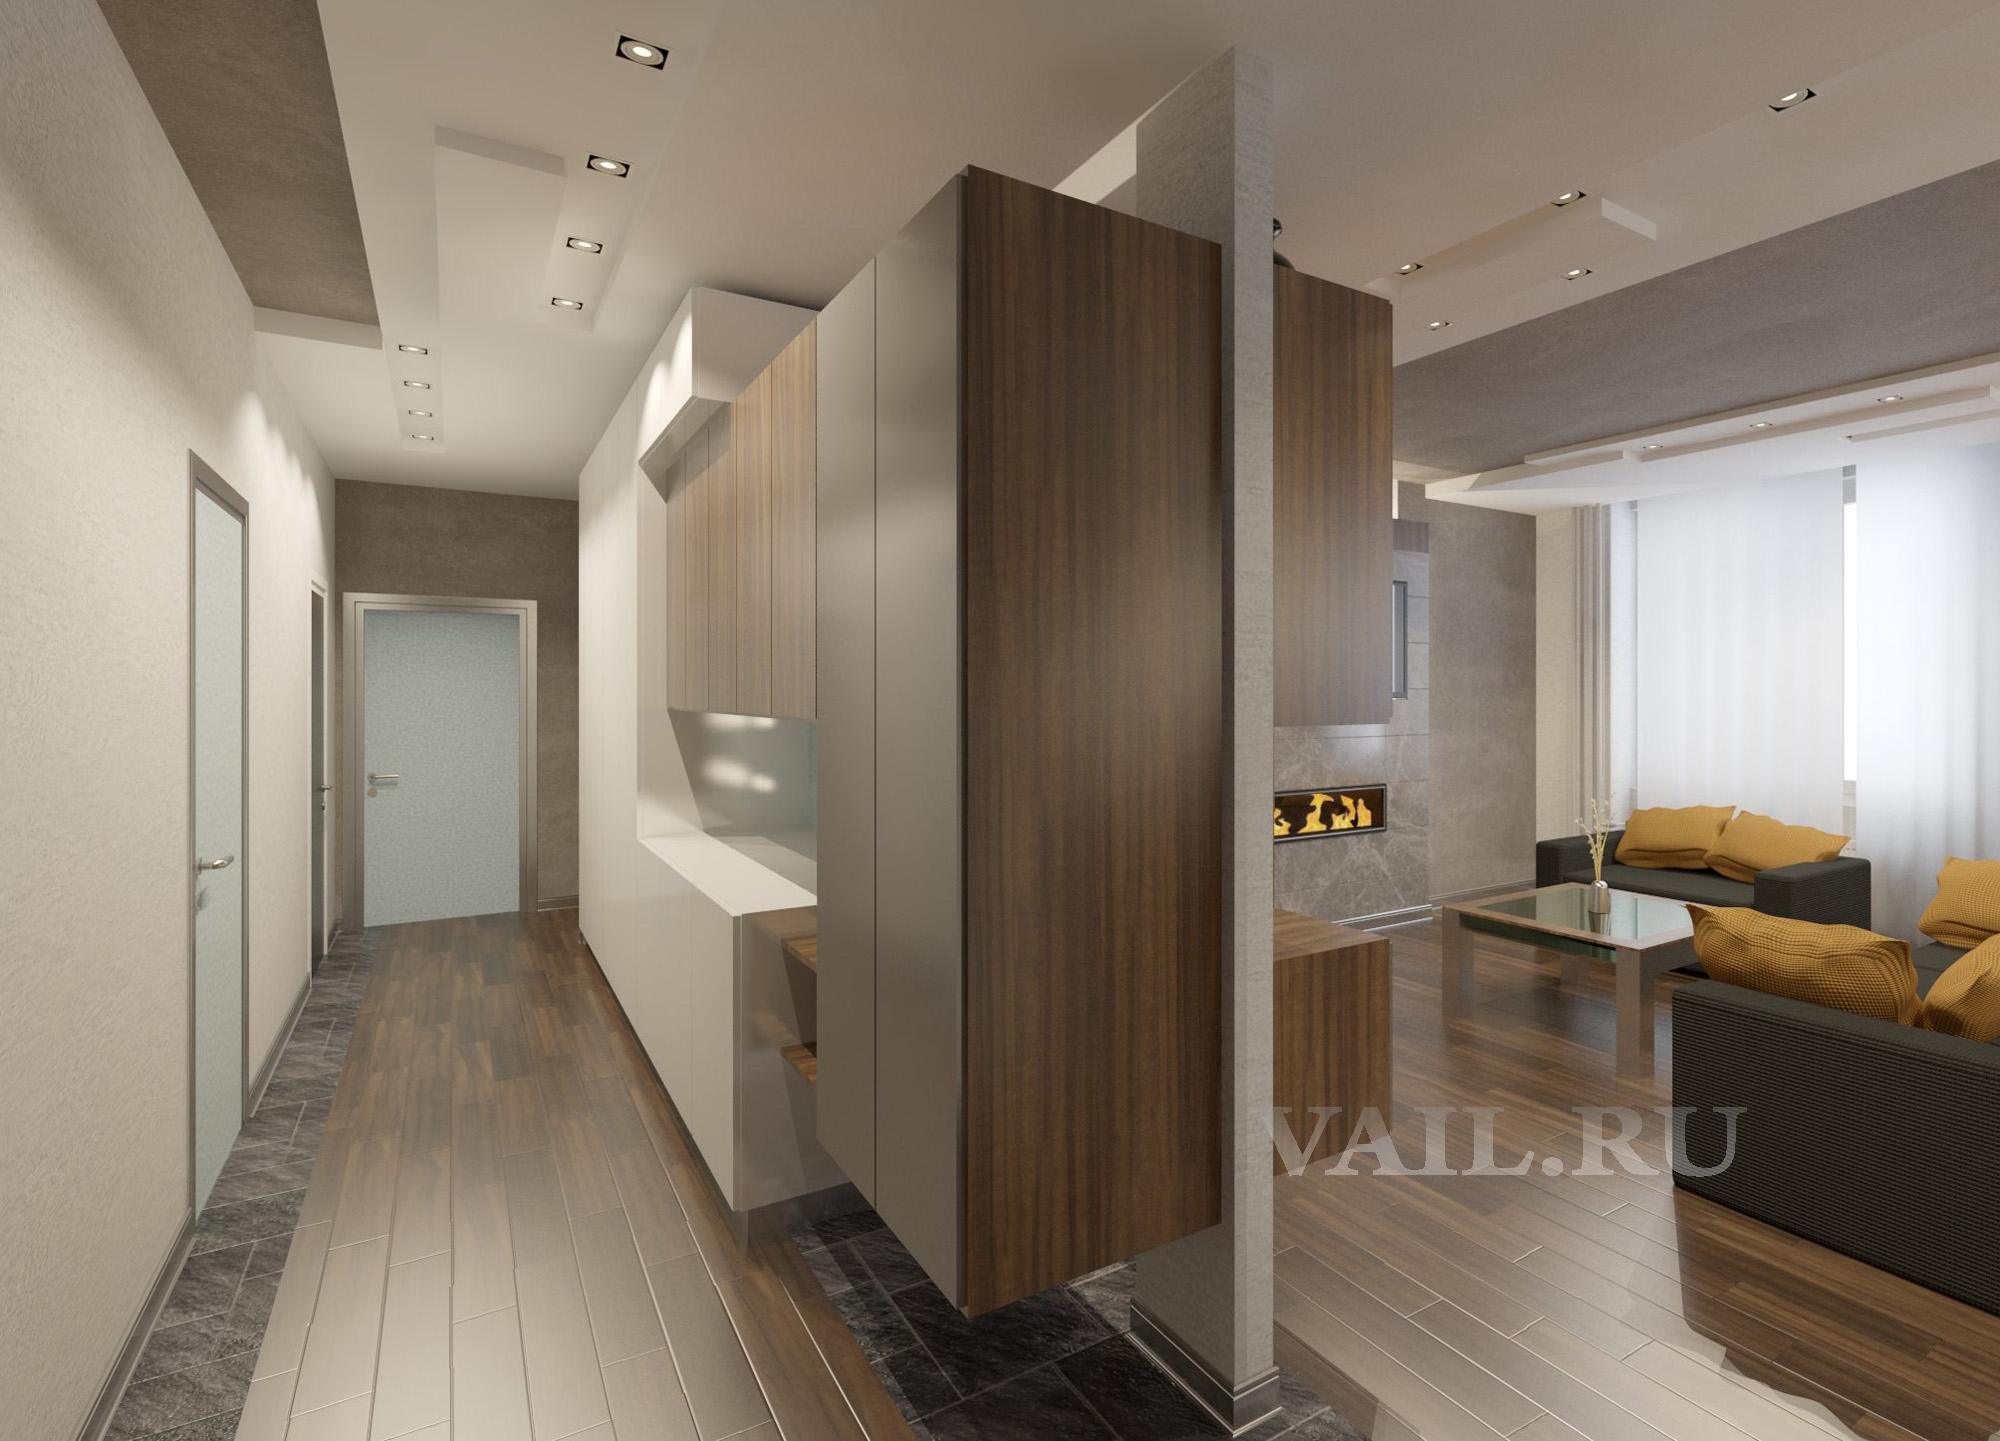 Вариант коридора со шкафами в сложной композиции